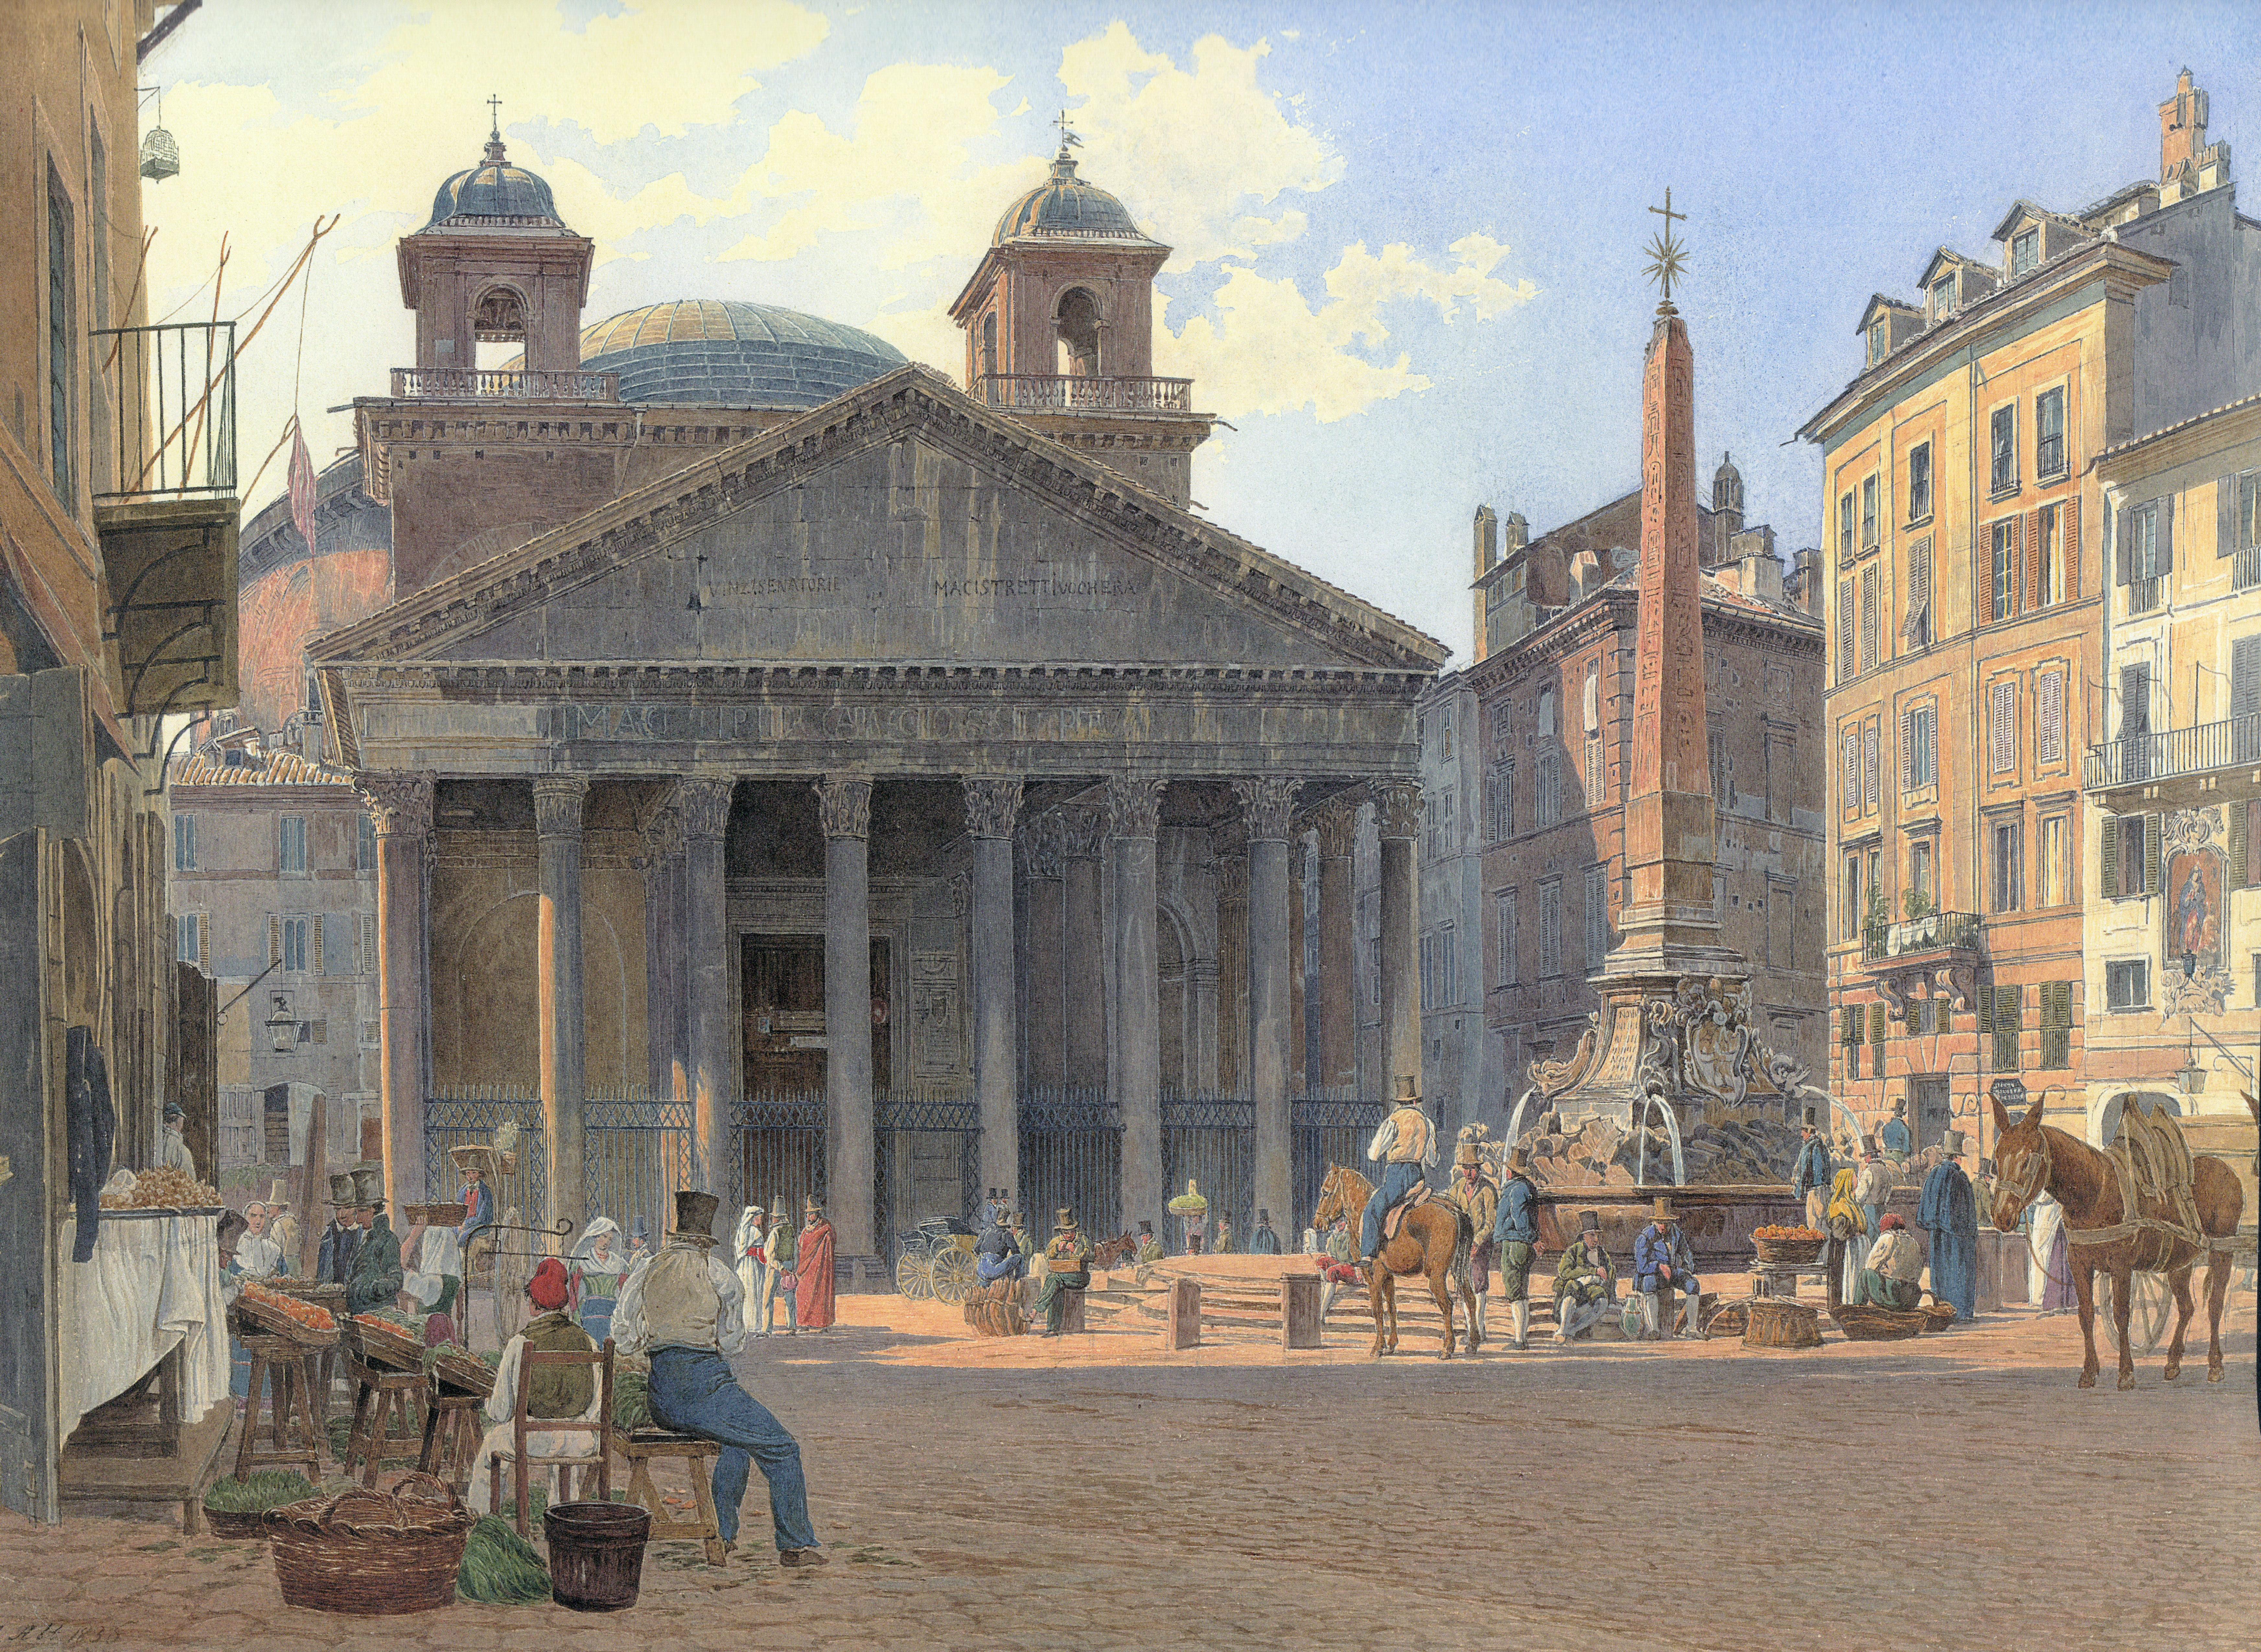 jakob_alt_-_das_pantheon_und_die_piazza_della_rotonda_in_rom_-_1836